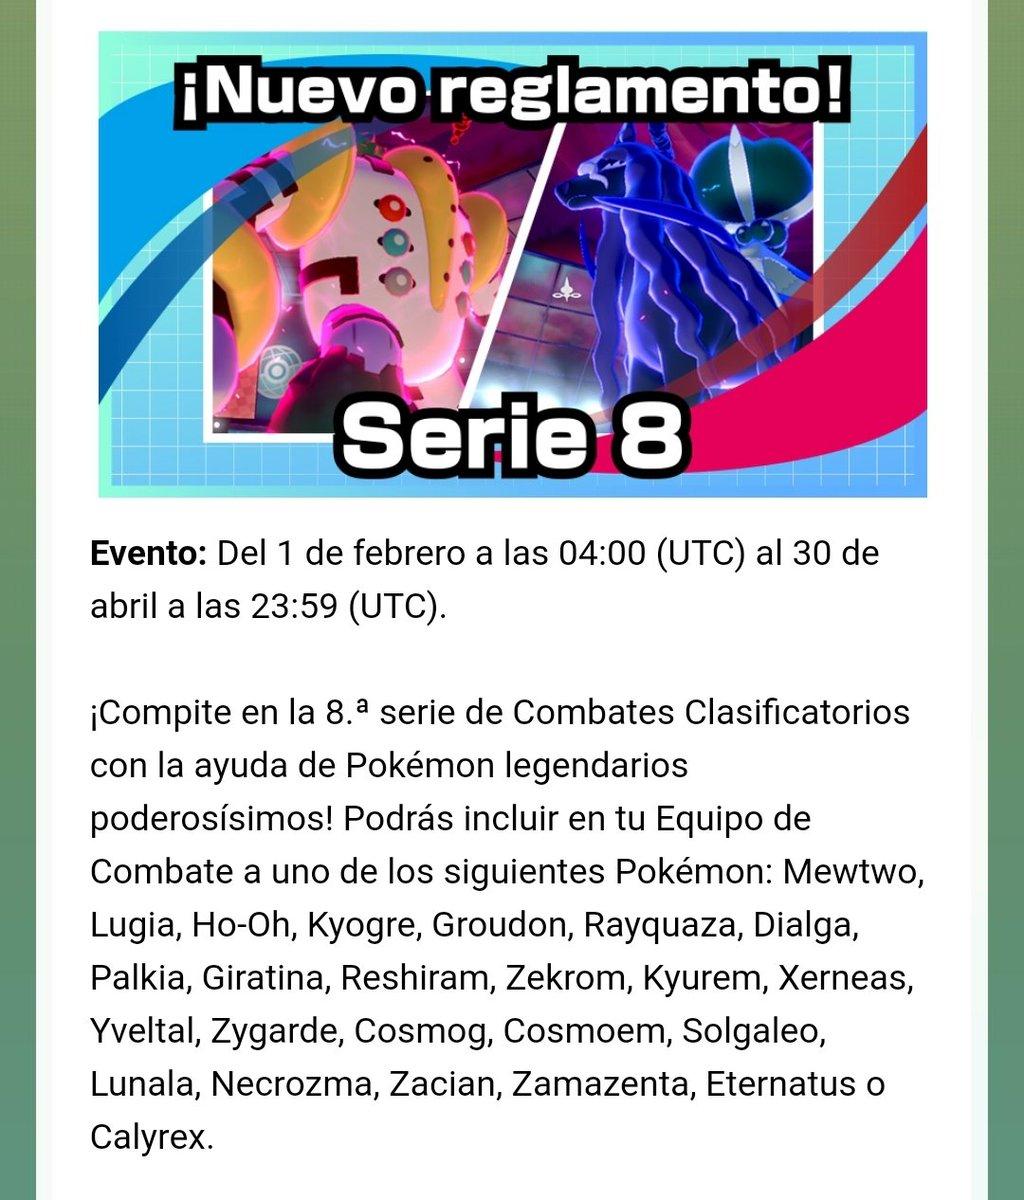 Las reglas de la Serie 8 de Combates Clasificatorios de Pokémon Espada y Escudo han sido reveladas:  📅 1 de febrero a 30 de abril ➡️ Se puede usar 1 Pokémon Legendario restringido en el equipo. ➡️ Ver imágenes.  ➡️ Más información: